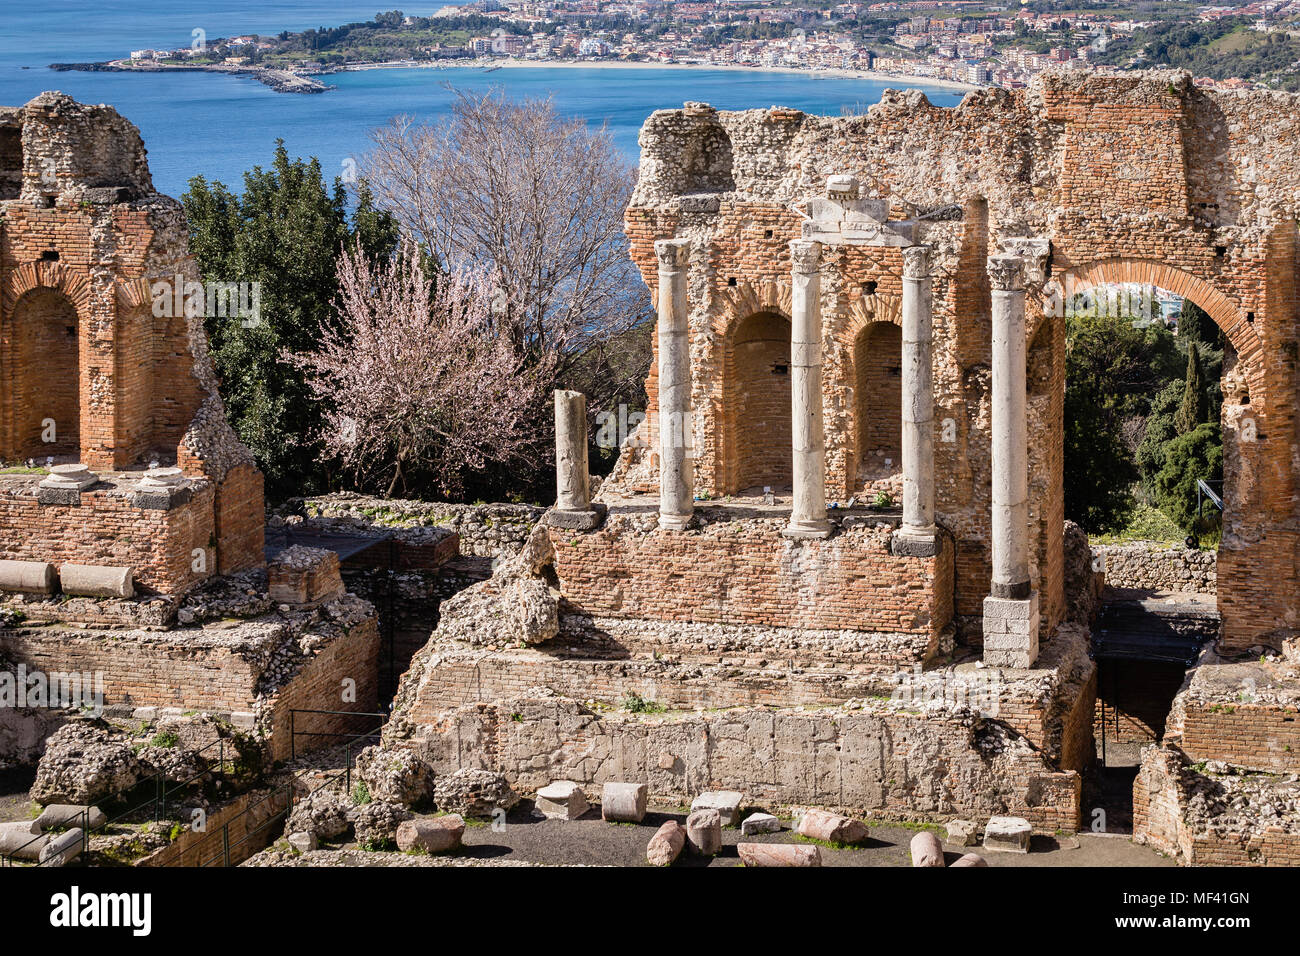 Théâtre gréco-romain antique de Taormina, Sicile. Photo Stock